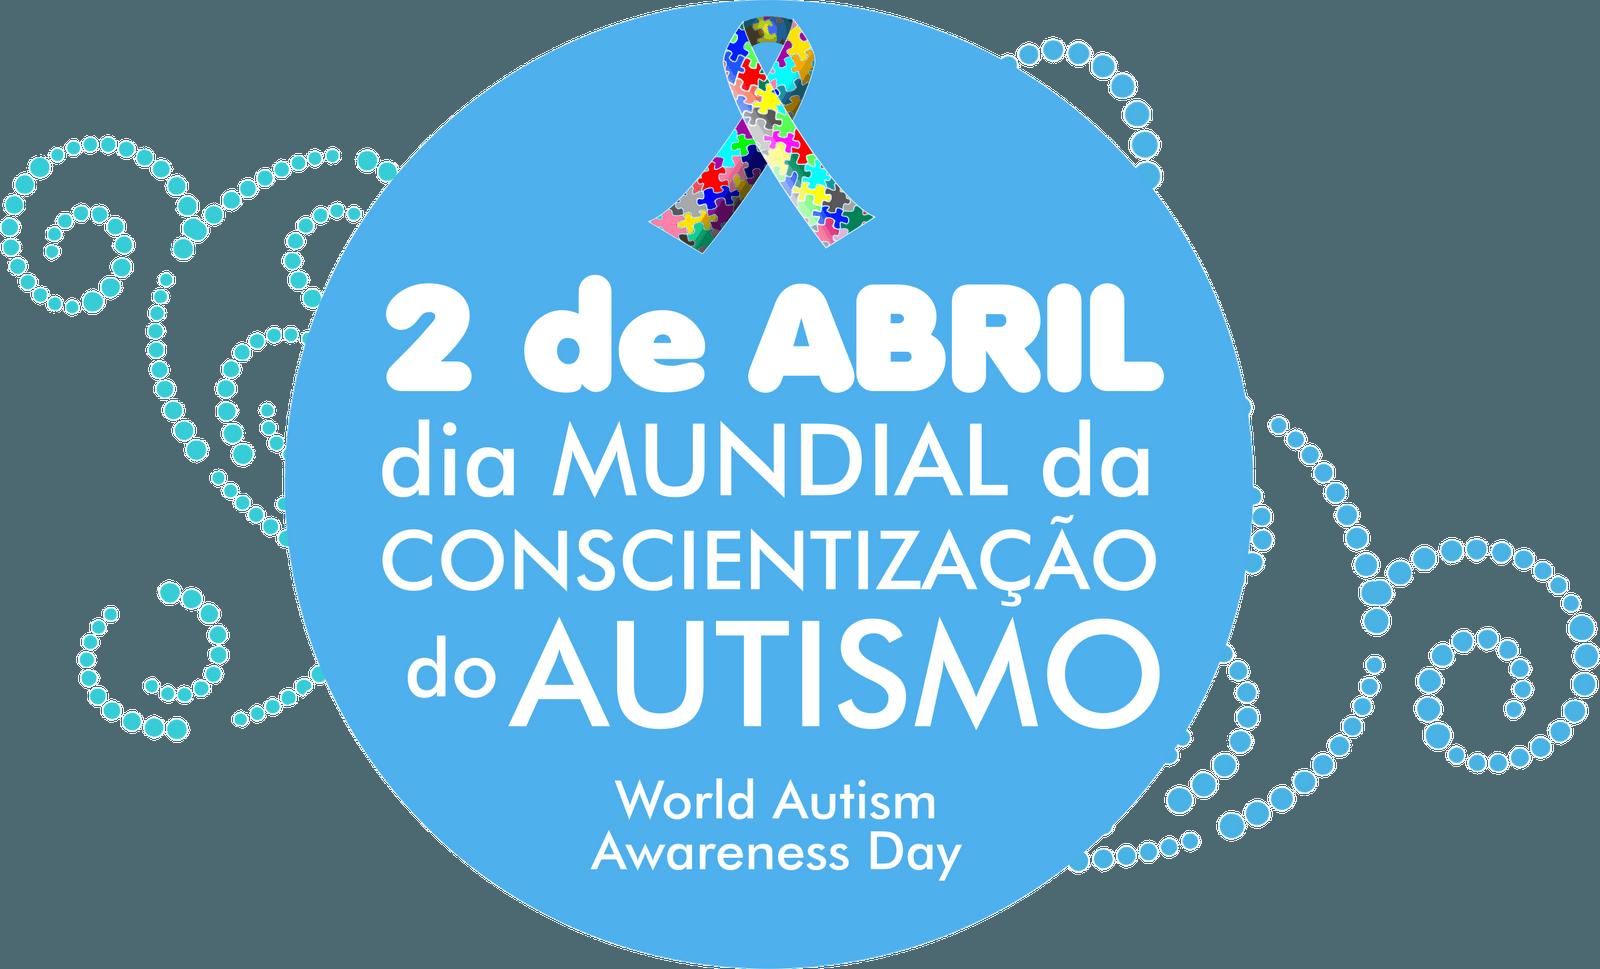 2 de abril: Dia Mundial da Conscientização do Autismo